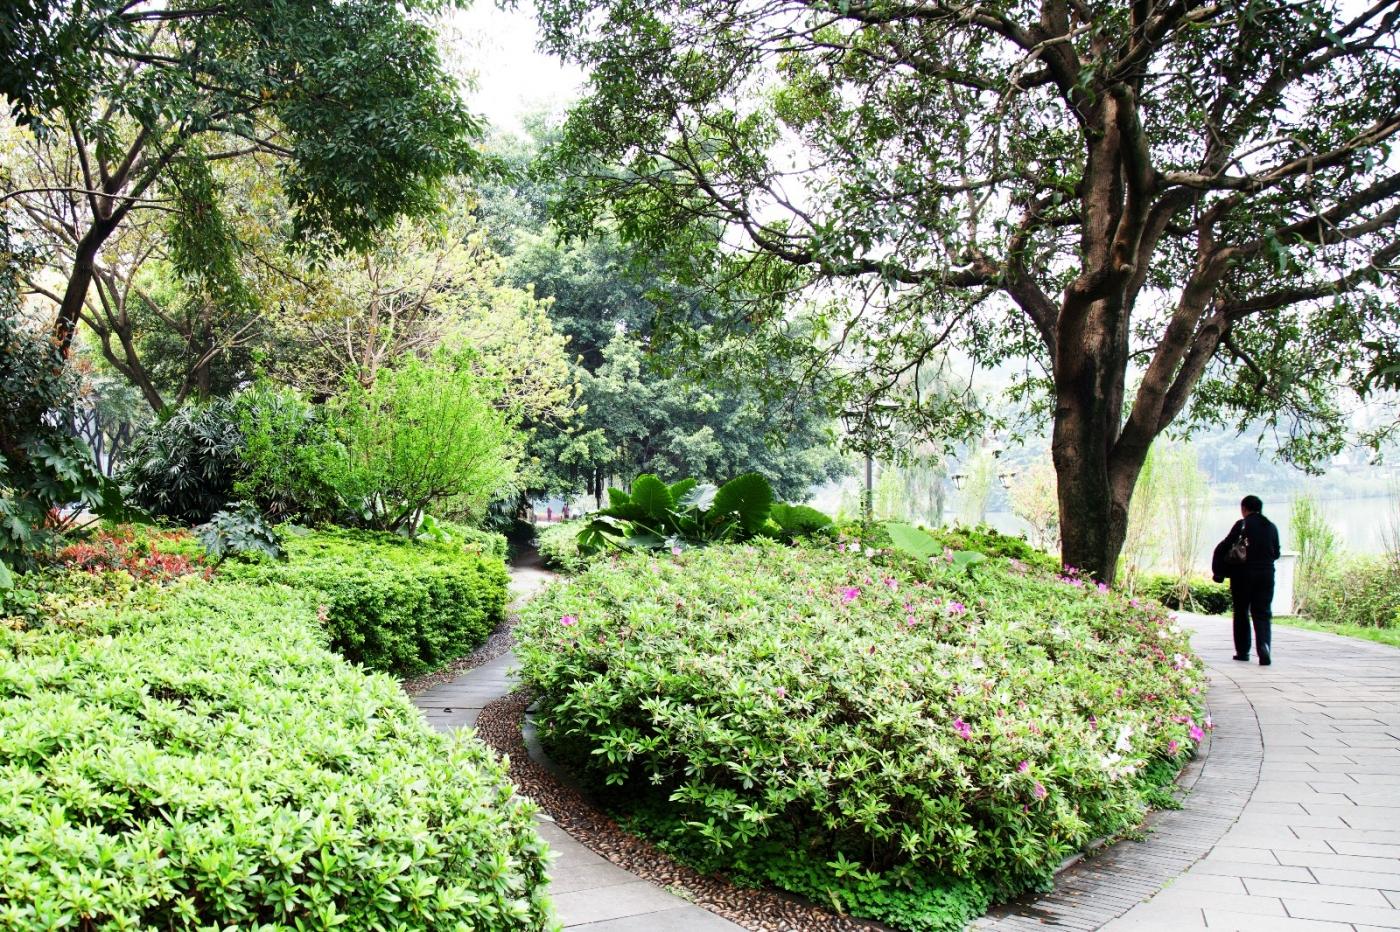 福州西湖公园,美景如画,赏心悦目,流连忘返_图1-32